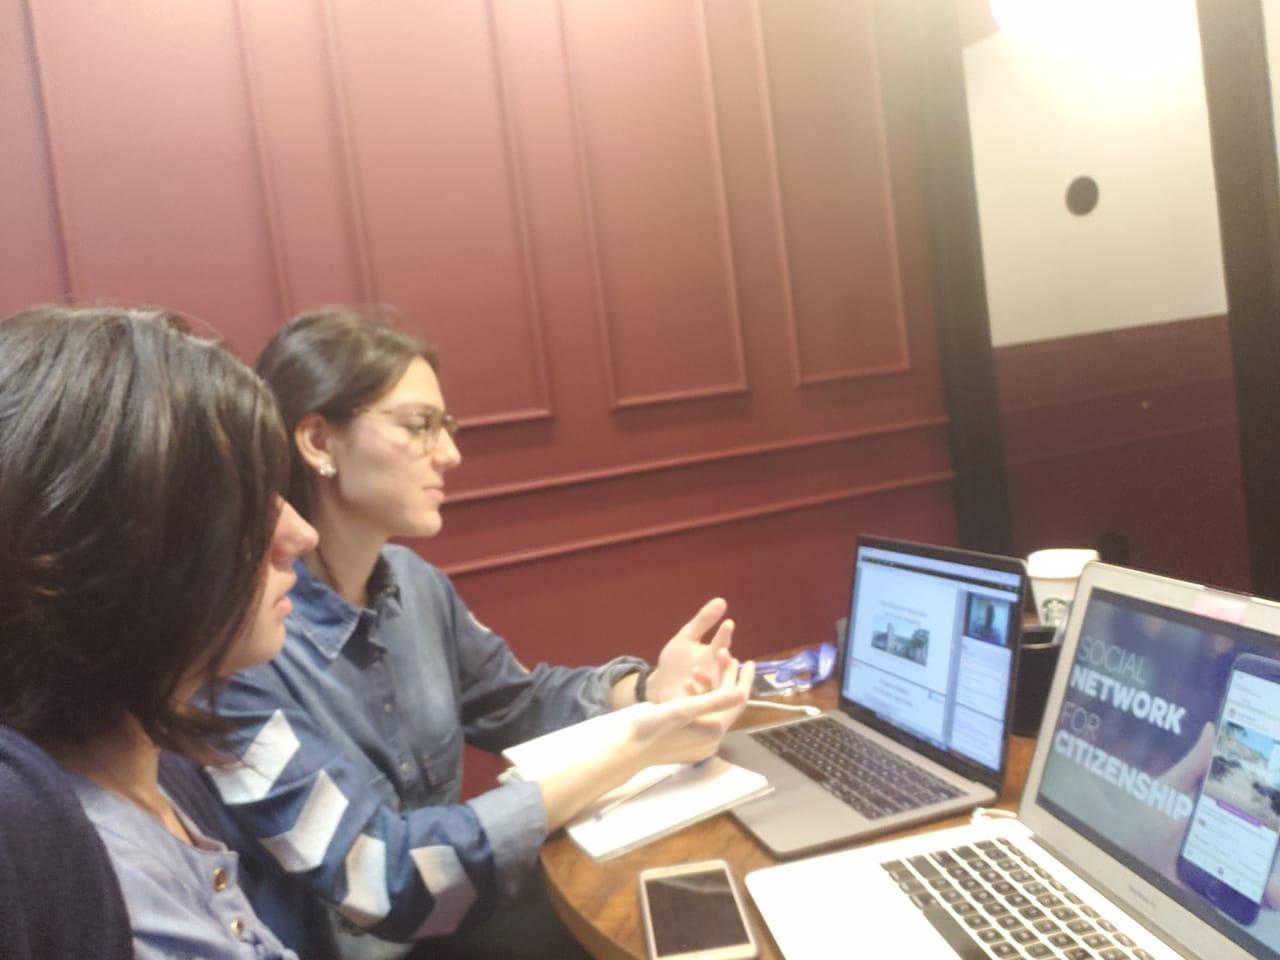 Luiza Jardim e Luiza Barbosa do Colab preparando sua apresentação